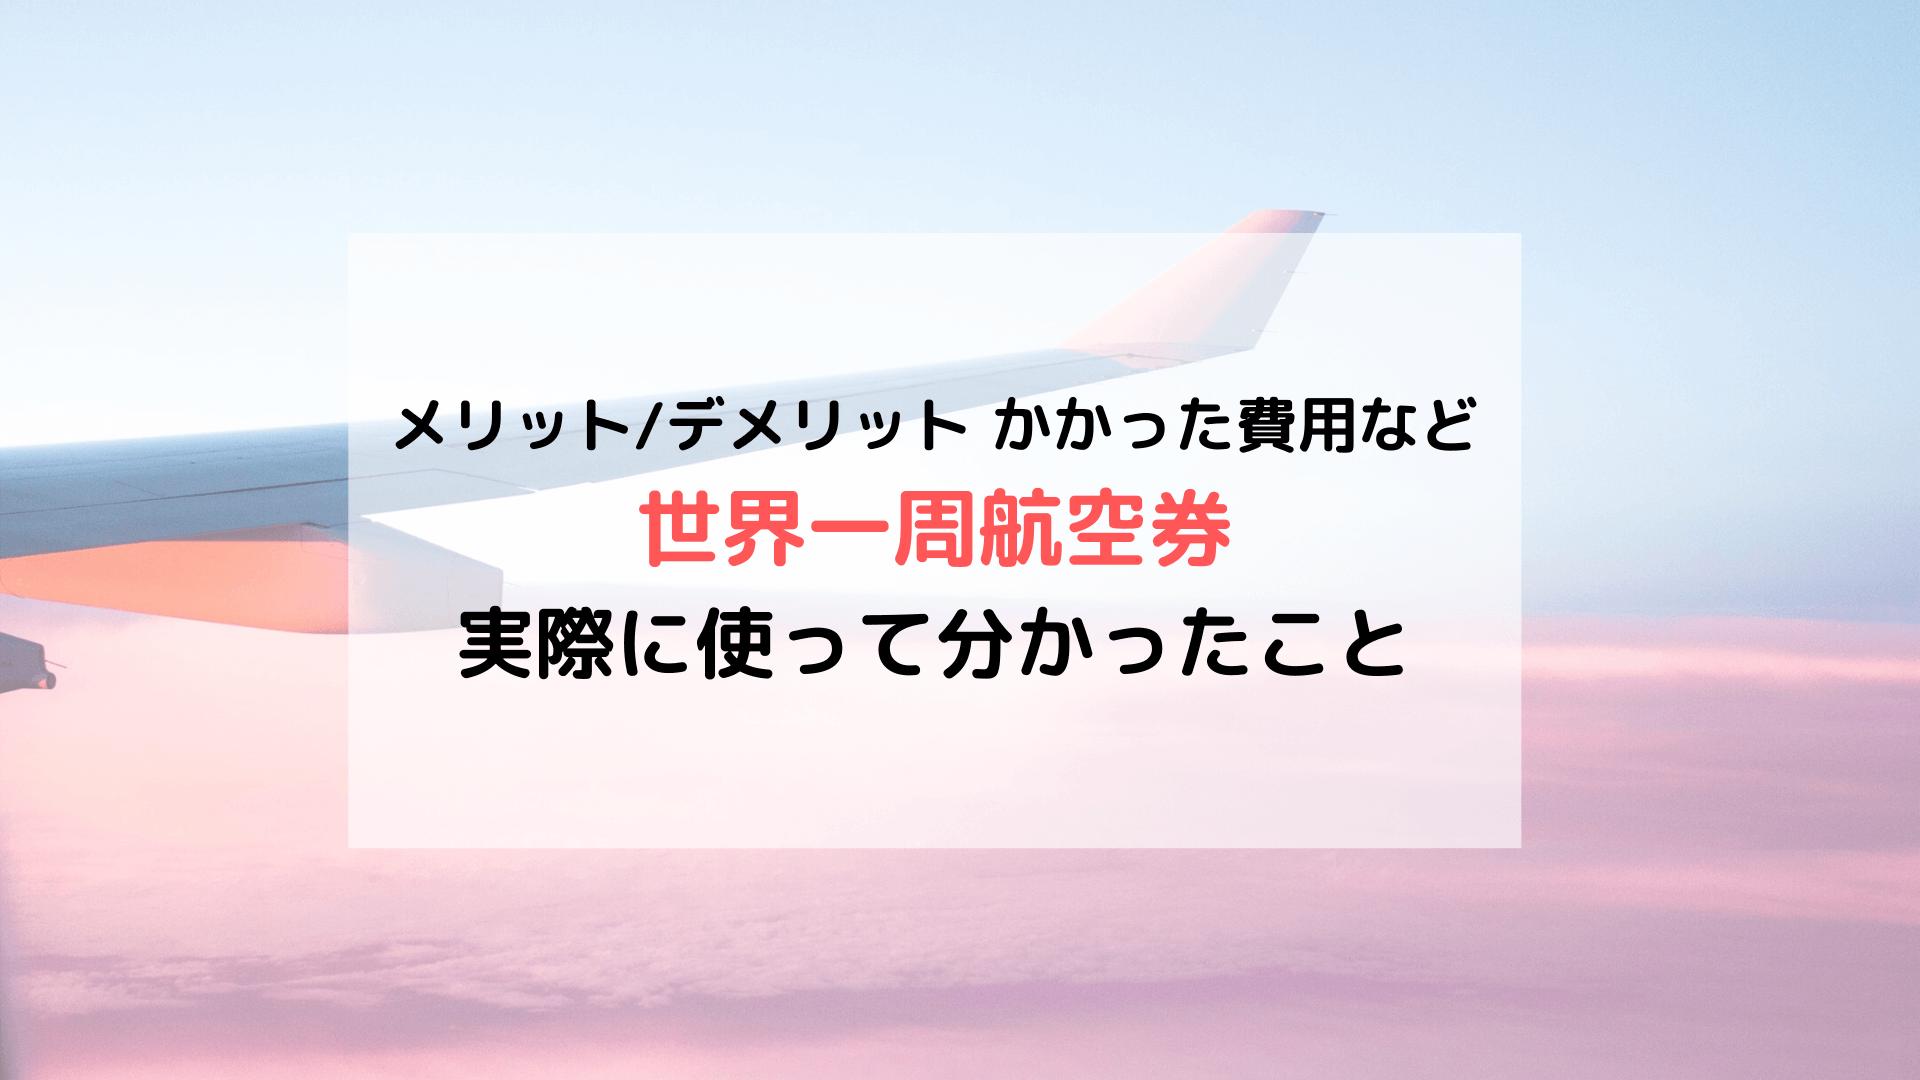 世界一周航空券を使って分かったこと